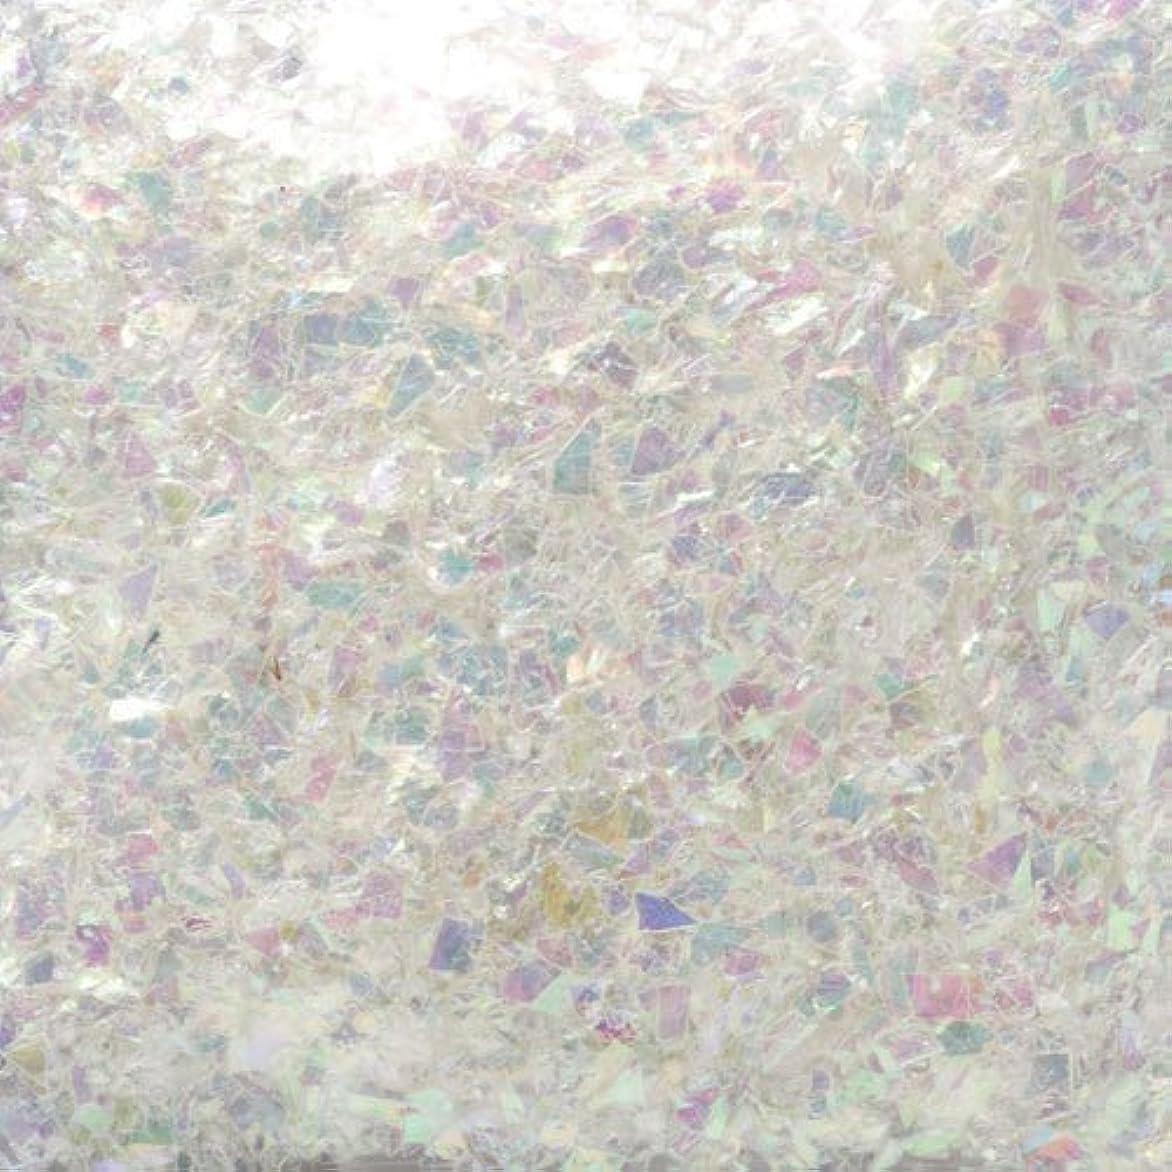 下向きワーカースチュワードピカエース ネイル用パウダー ピカエース 乱切オーロラ #710 ホワイト 1g アート材